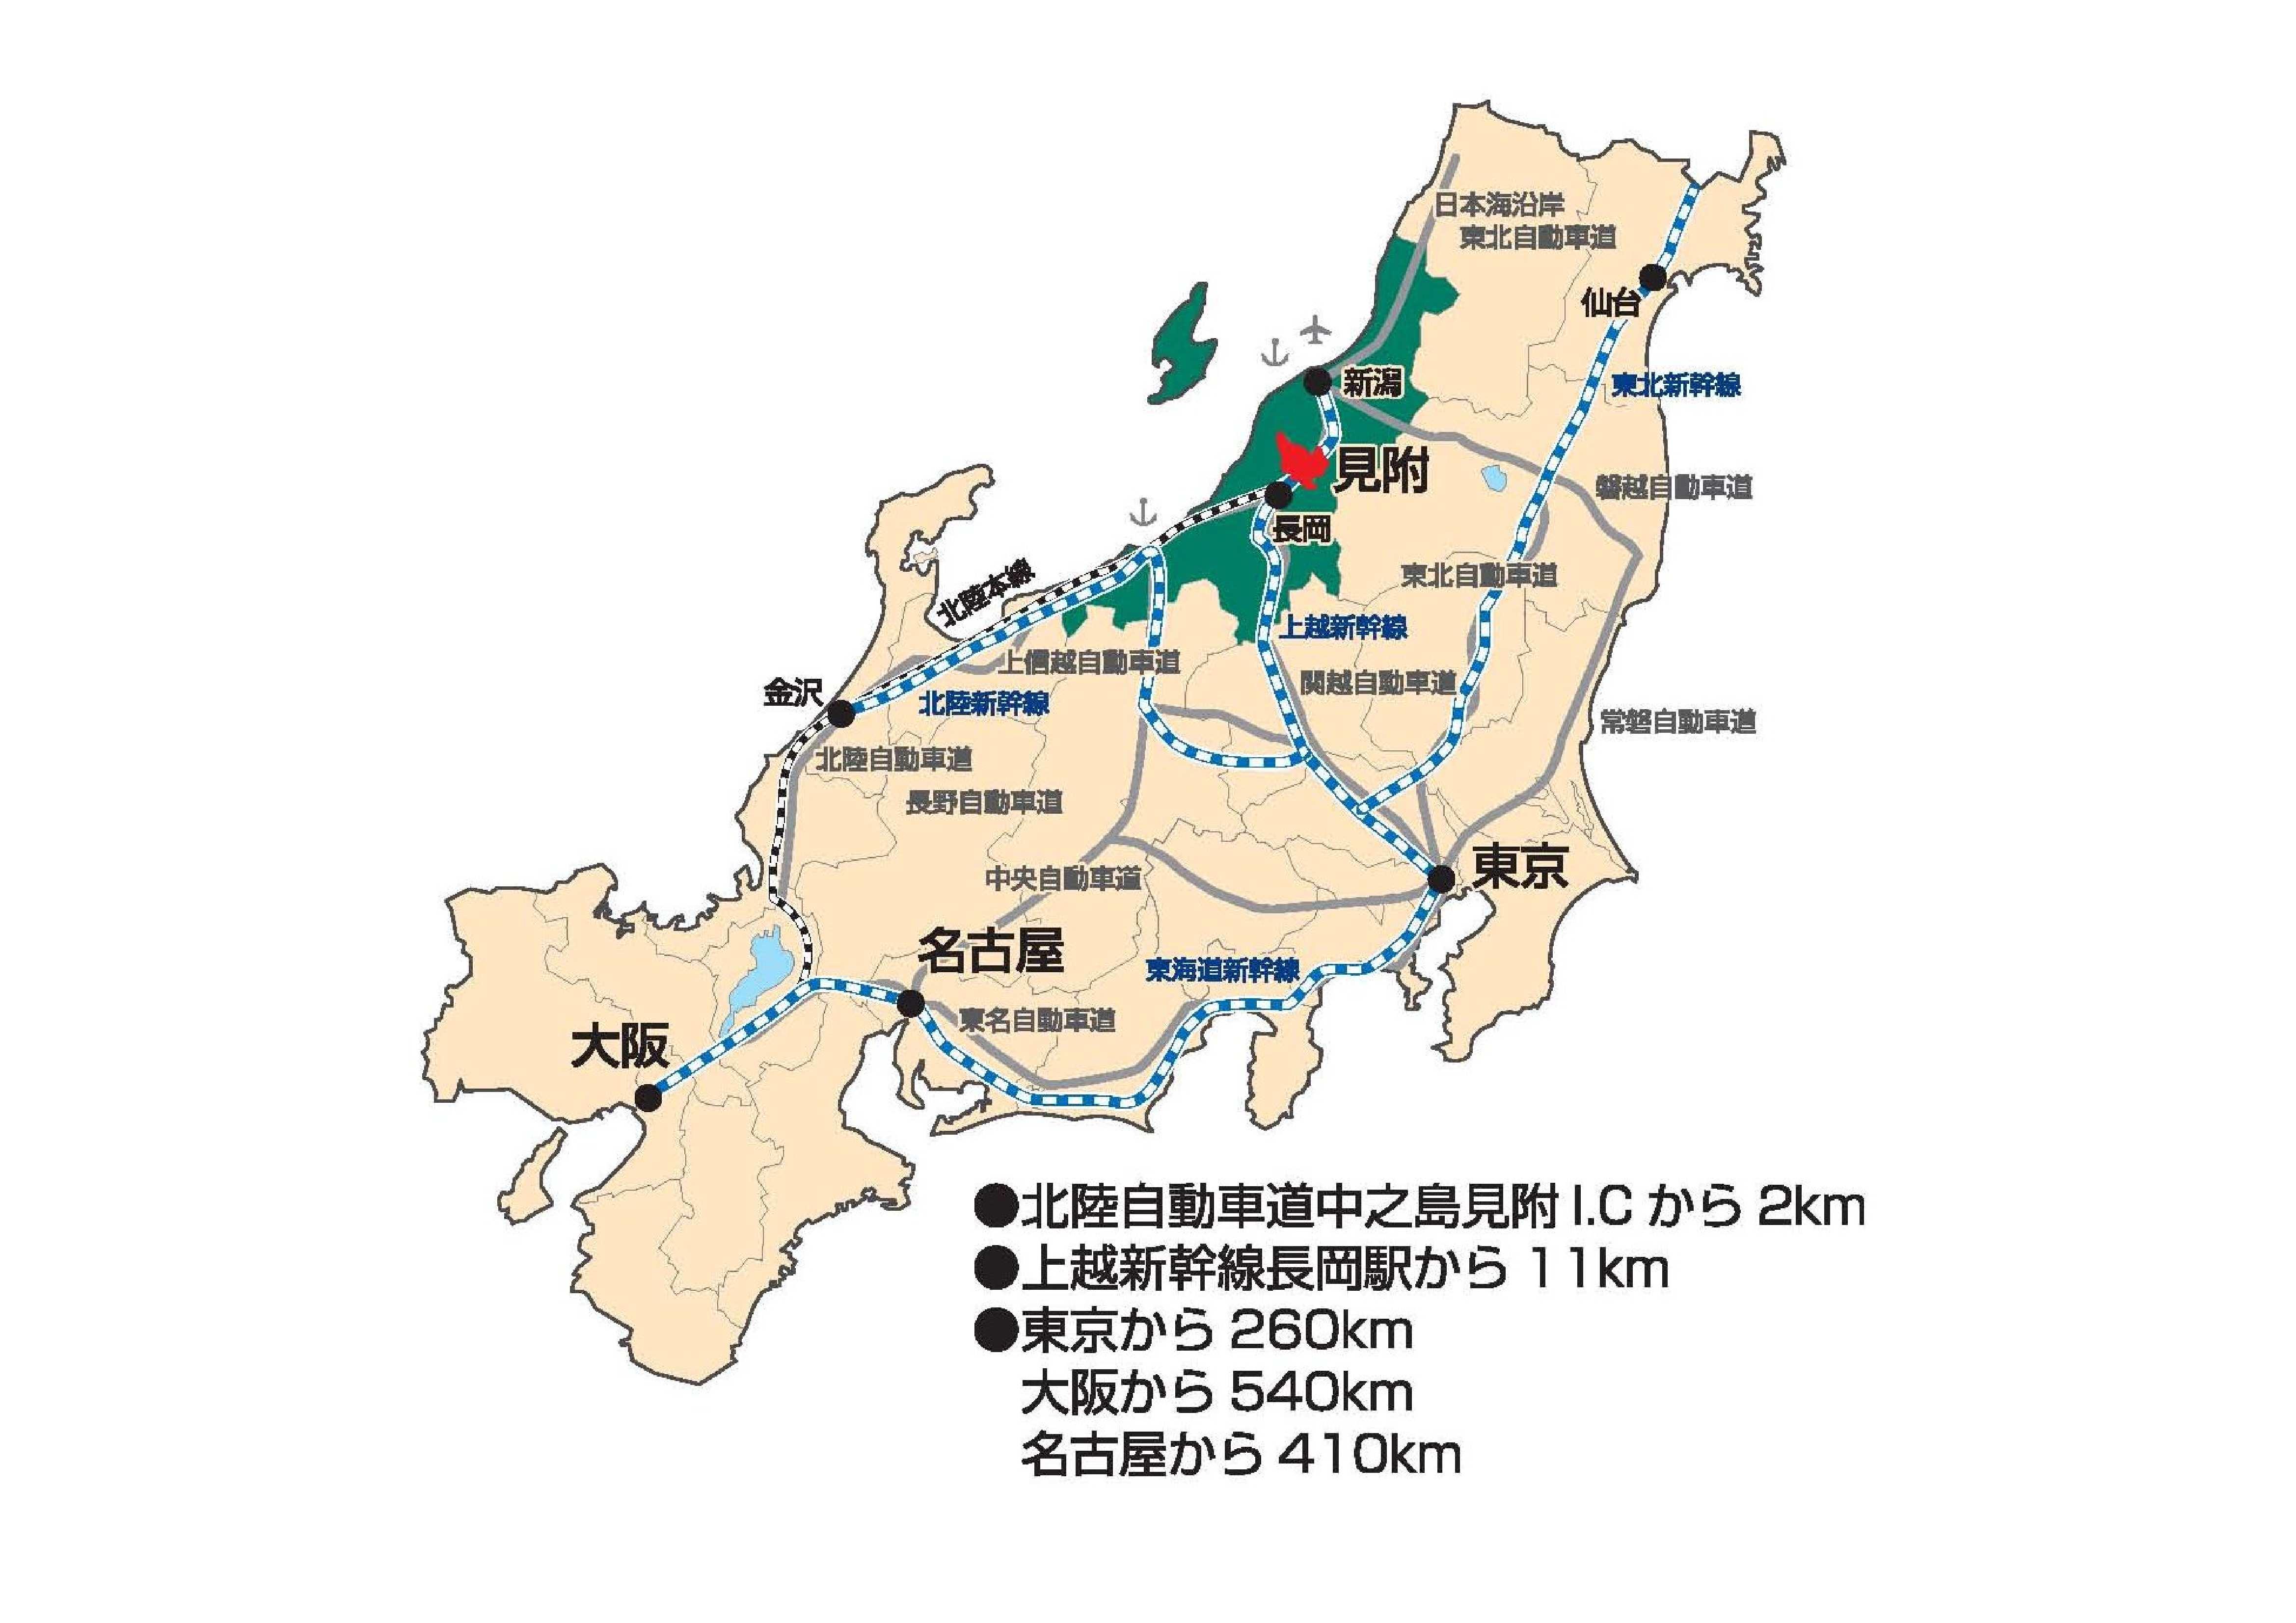 画像2(見附市位置)